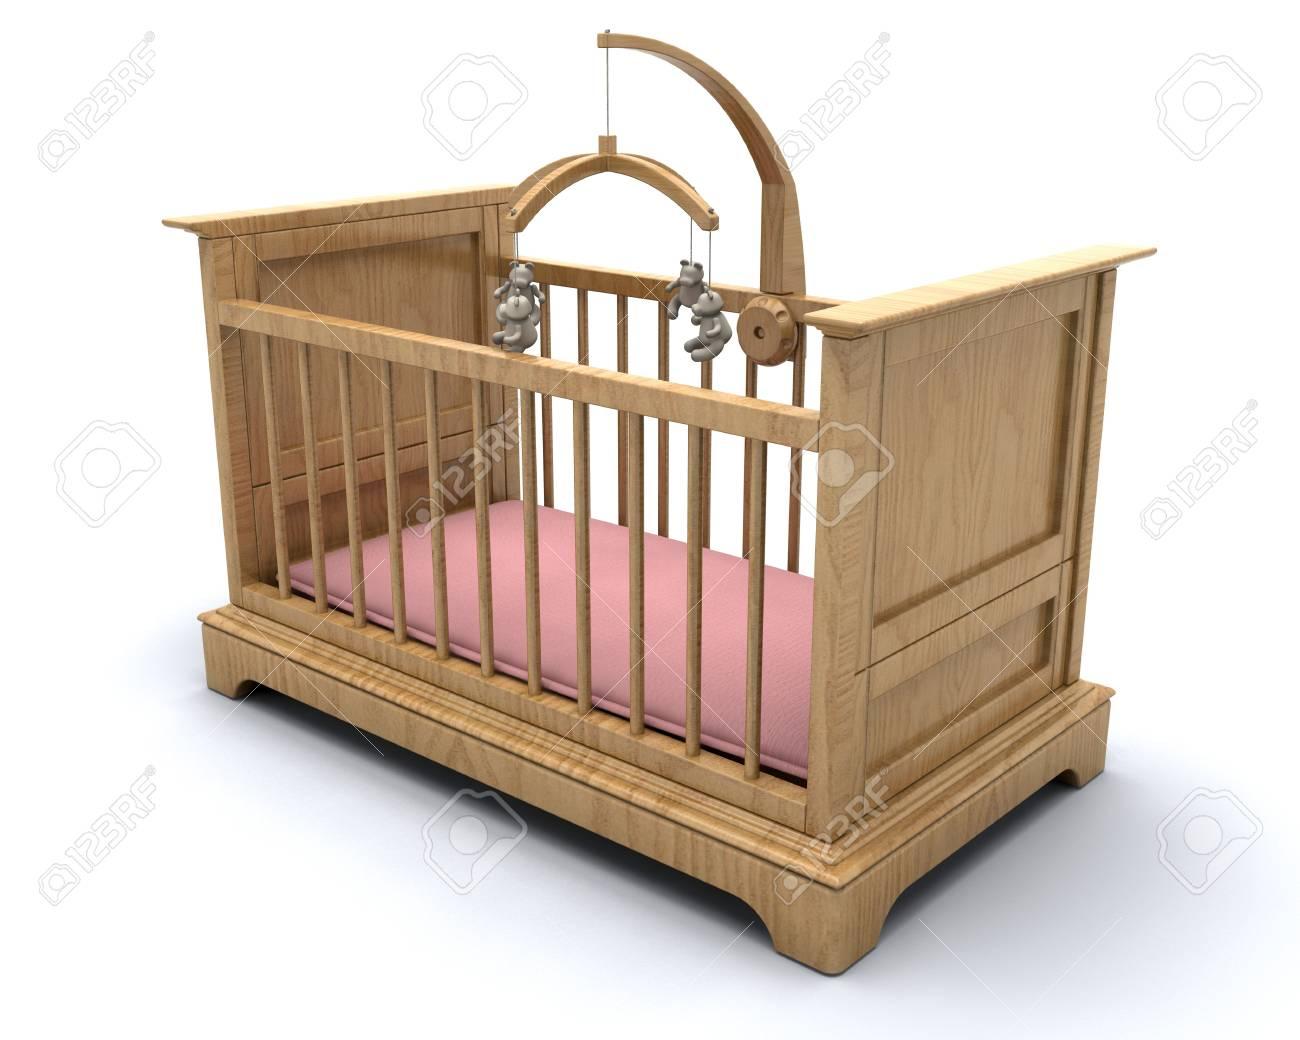 Full Size of Mädchen Fr Ein Mdchen Mit Teddy Mobile Lizenzfreie Bett Betten Wohnzimmer Kinderbett Mädchen